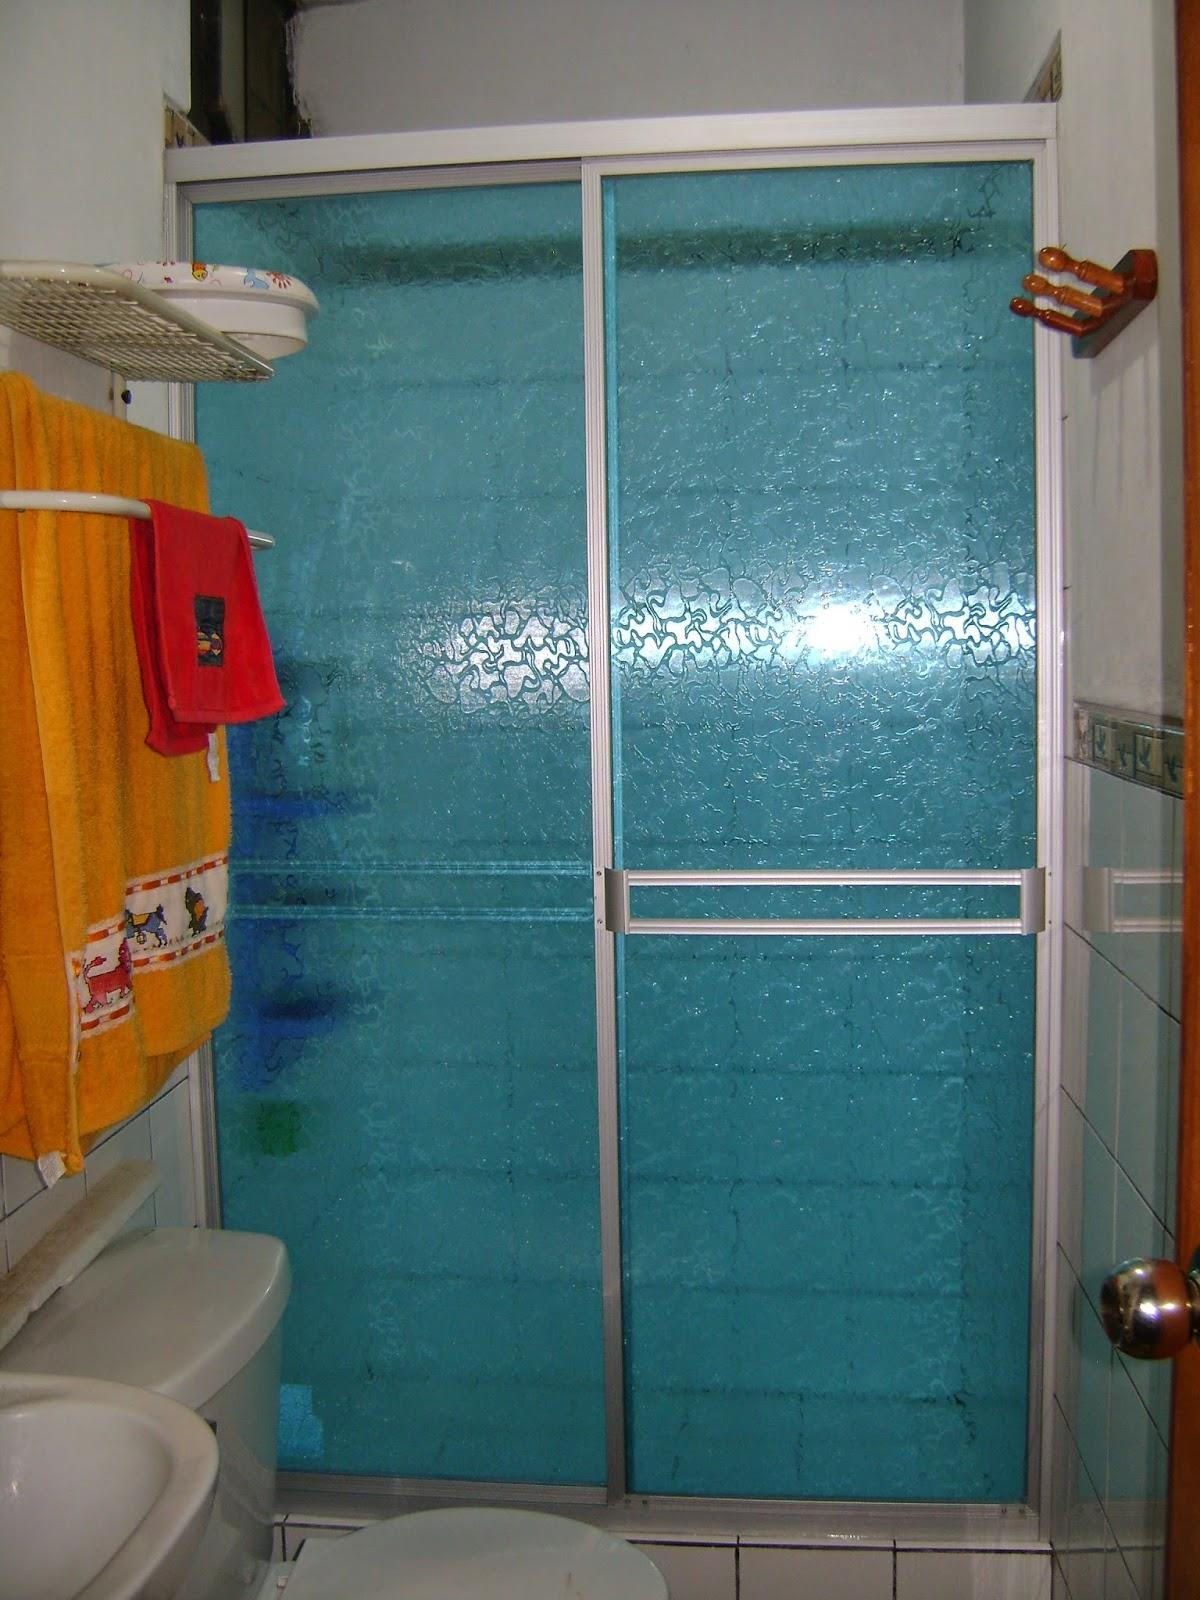 Lider soluciones generales puertas de ducha for Puertas de ducha